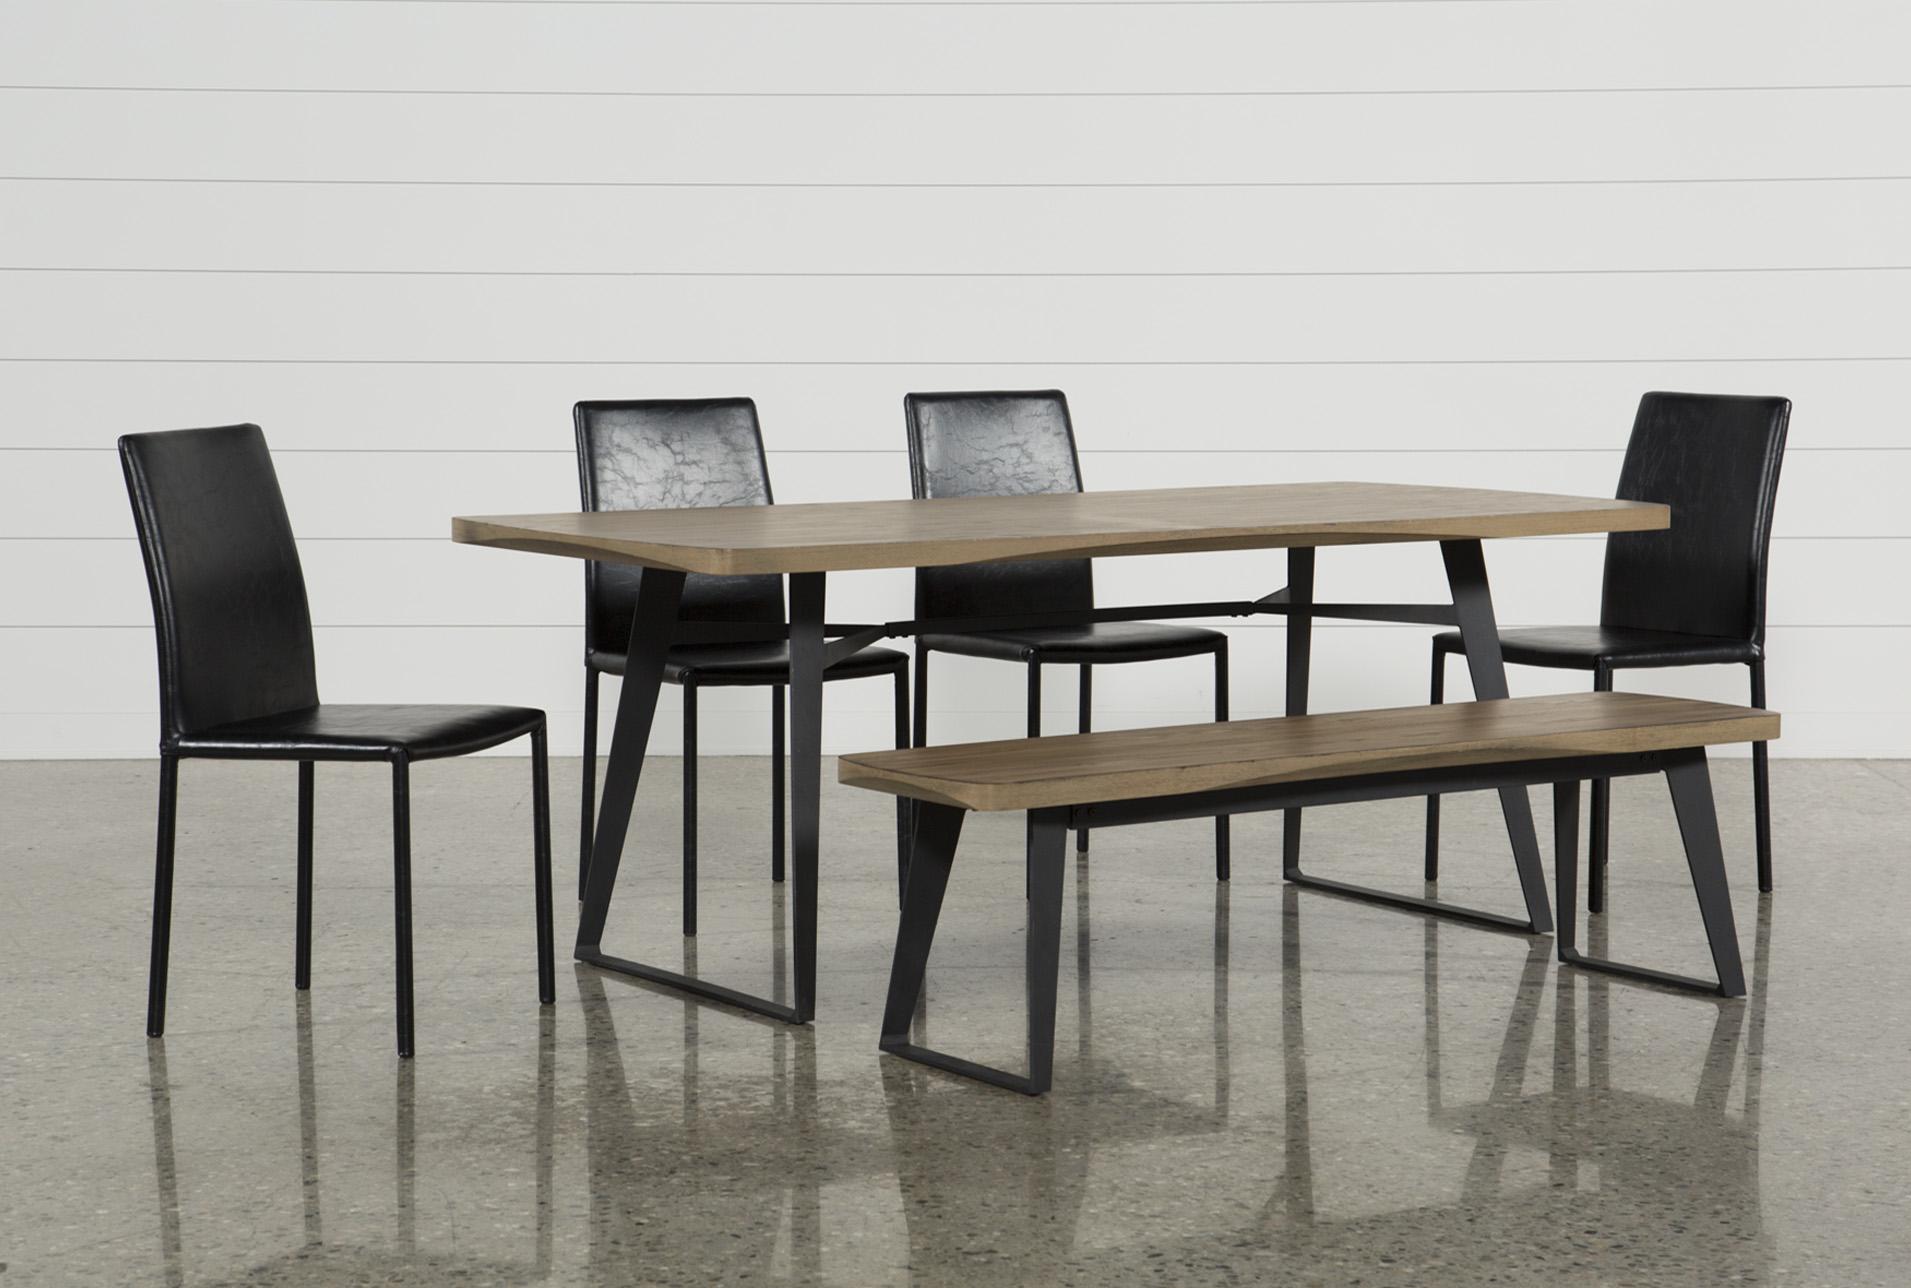 Cintra 6 Piece Dining Set W/Hayden Black Chairs   360